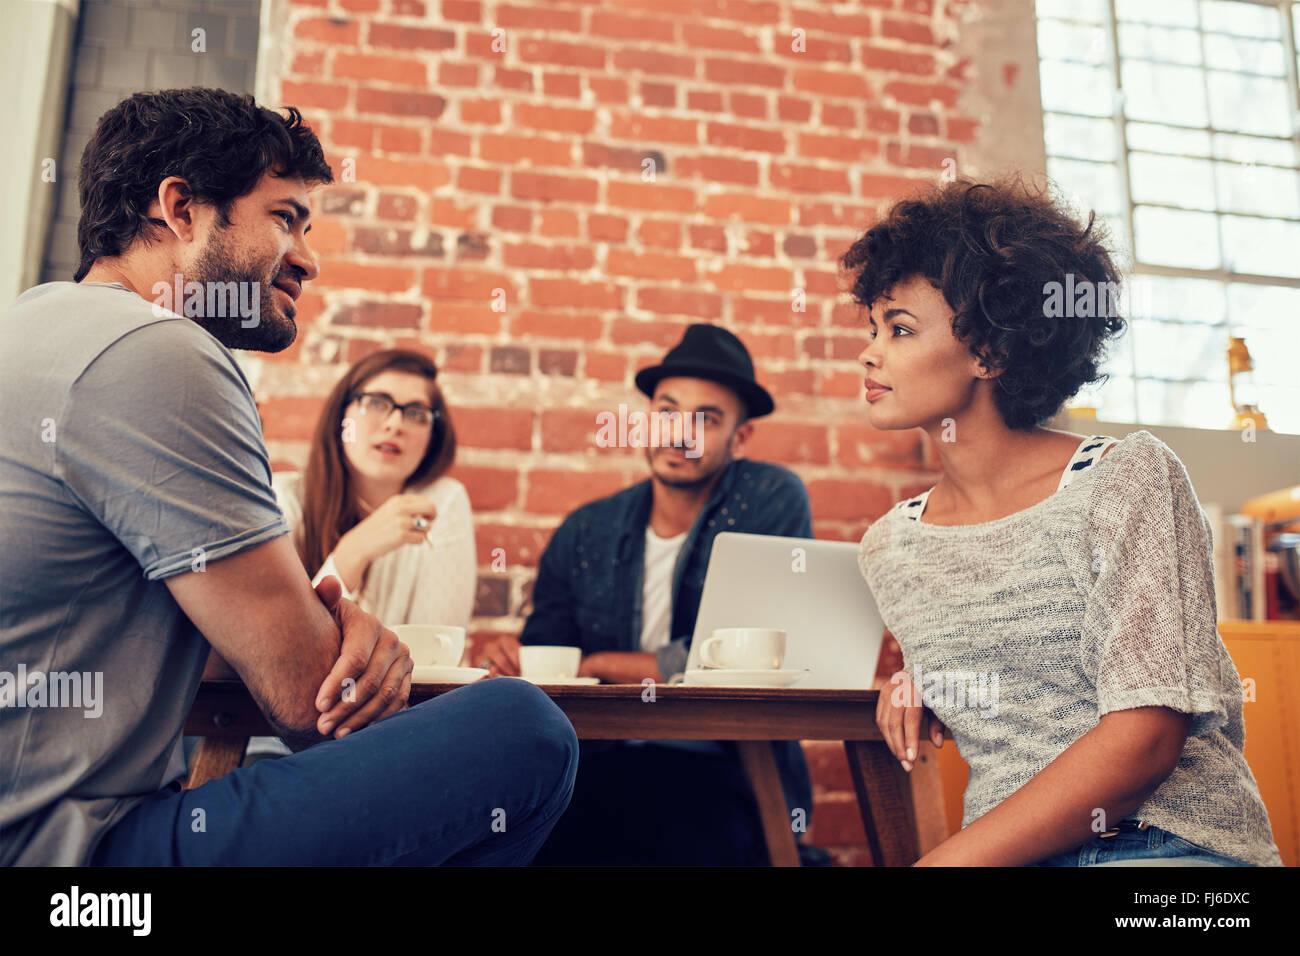 Porträt der jungen Freunde sitzen in einem Café-Tisch und reden. Gruppe von Jugendlichen in einem Café Stockbild